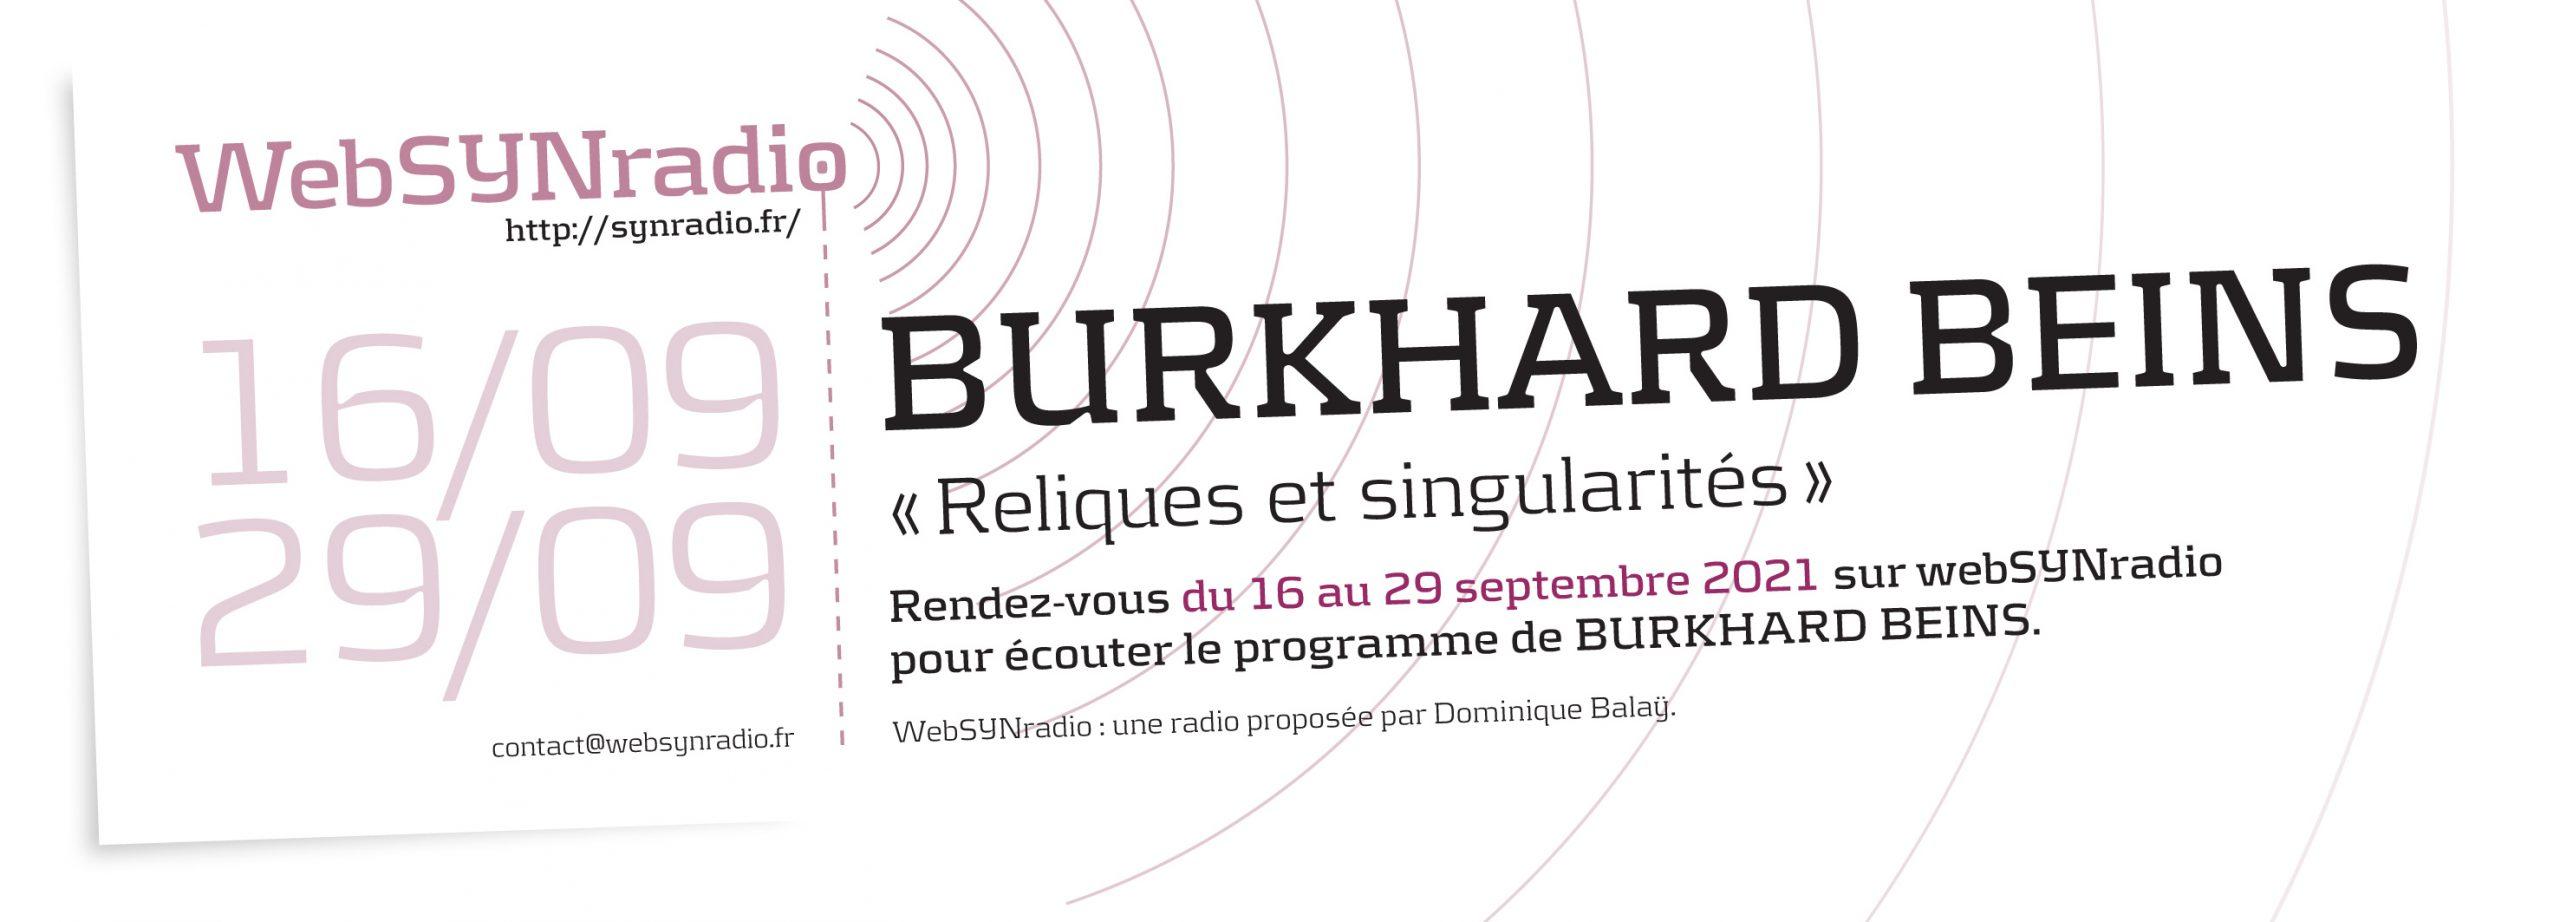 SYNradio-flyer-298-Burkhard-Beins